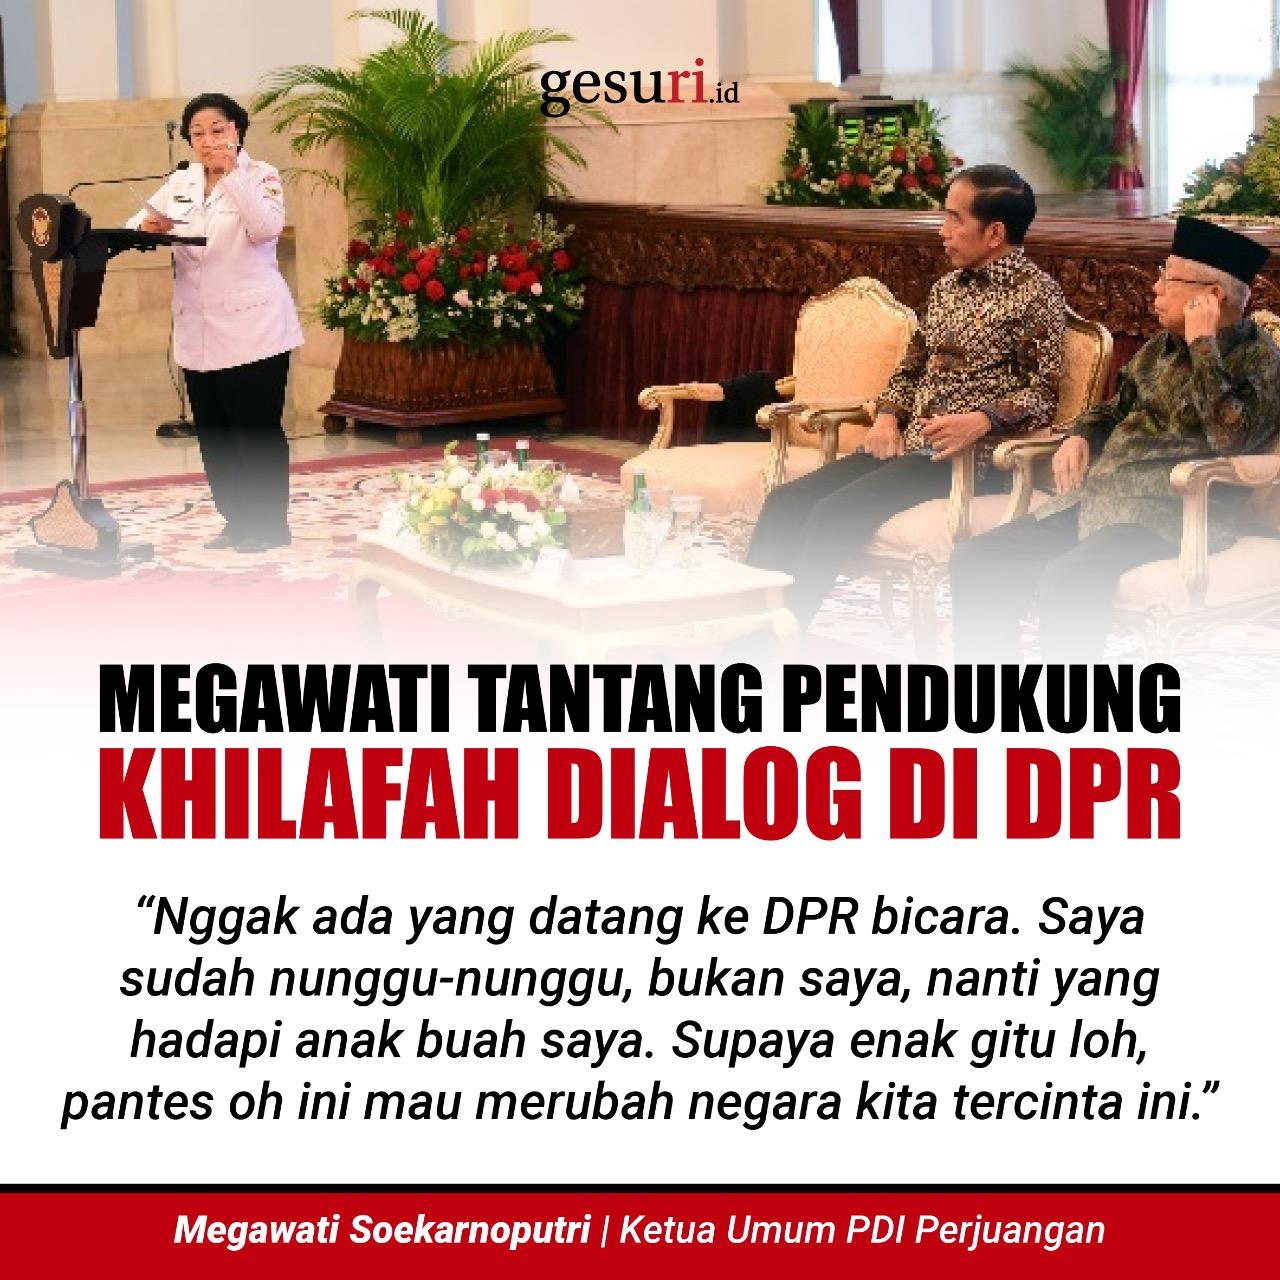 Megawati Tantang Pendukung Khilafah untuk Dialog di DPR